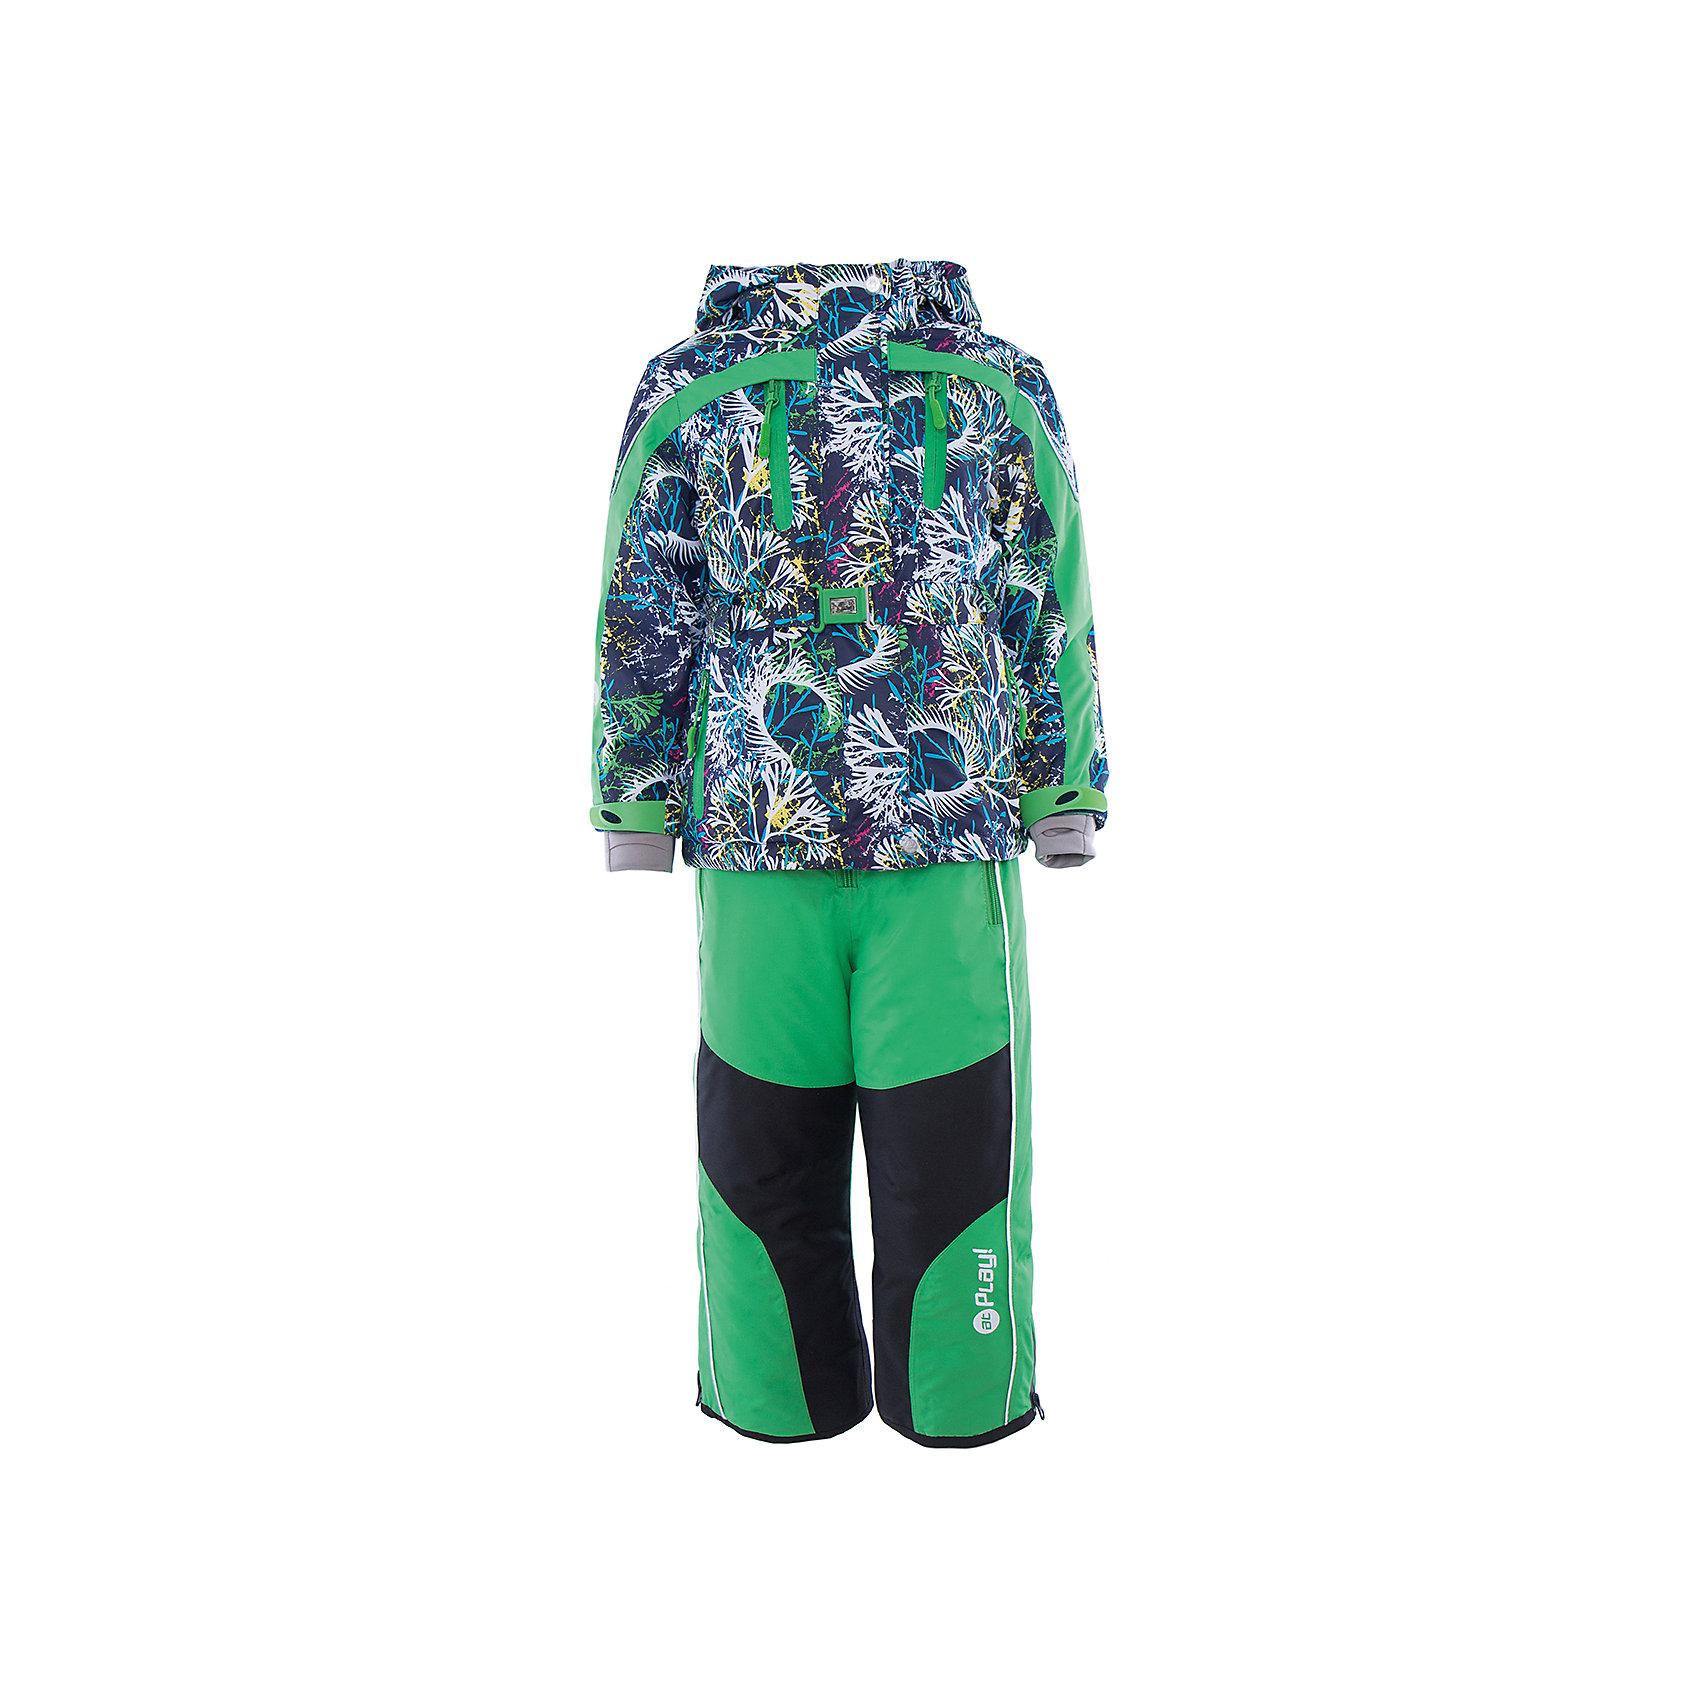 Костюм для девочки atPlay!Зимой необходимо особенно тщательно подходить к подбору одежды для ребенка. Чтобы обеспечить ему тепло, сухость и комфорт, можно выбрать этот костюм, сшитый из мембранного материала.<br>Он позволяет коже дышать, помогает выводить лишнюю влагу, при этом не позволяет ребенку замерзнуть или промокнуть. Выглядит при этом модель очень симпатично! Изделие выполнено очень качественно. Фурнитура для него подбиралась с учетом особенностей детского организма. В комплекте идет курточка и полукомбинезон.<br><br><br>Дополнительная информация:<br><br>цвет: зеленый;<br>материал: полиэстер, фурнитура YKK, водо- и грязеотталкивающее покрытие Teflon, нижний комбинезон - флис;<br>утеплитель: Thinsulate 200 г;<br>температурный режим: от -30° С до +5° С;<br>мягкие элементы на капюшоне и воротнике;<br>паропроницаемость: 10000 г / м.куб. / 24 ч;<br>водонепроницаемость: 10000 мм / 24 ч;<br>швы проклеены;<br>капюшон регулируется.<br><br>Костюм для девочки от бренда atPlay! можно приобрести в нашем интернет-магазине.<br><br>Ширина мм: 356<br>Глубина мм: 10<br>Высота мм: 245<br>Вес г: 519<br>Цвет: зеленый<br>Возраст от месяцев: 36<br>Возраст до месяцев: 48<br>Пол: Женский<br>Возраст: Детский<br>Размер: 104,128,122,116,110<br>SKU: 4940494